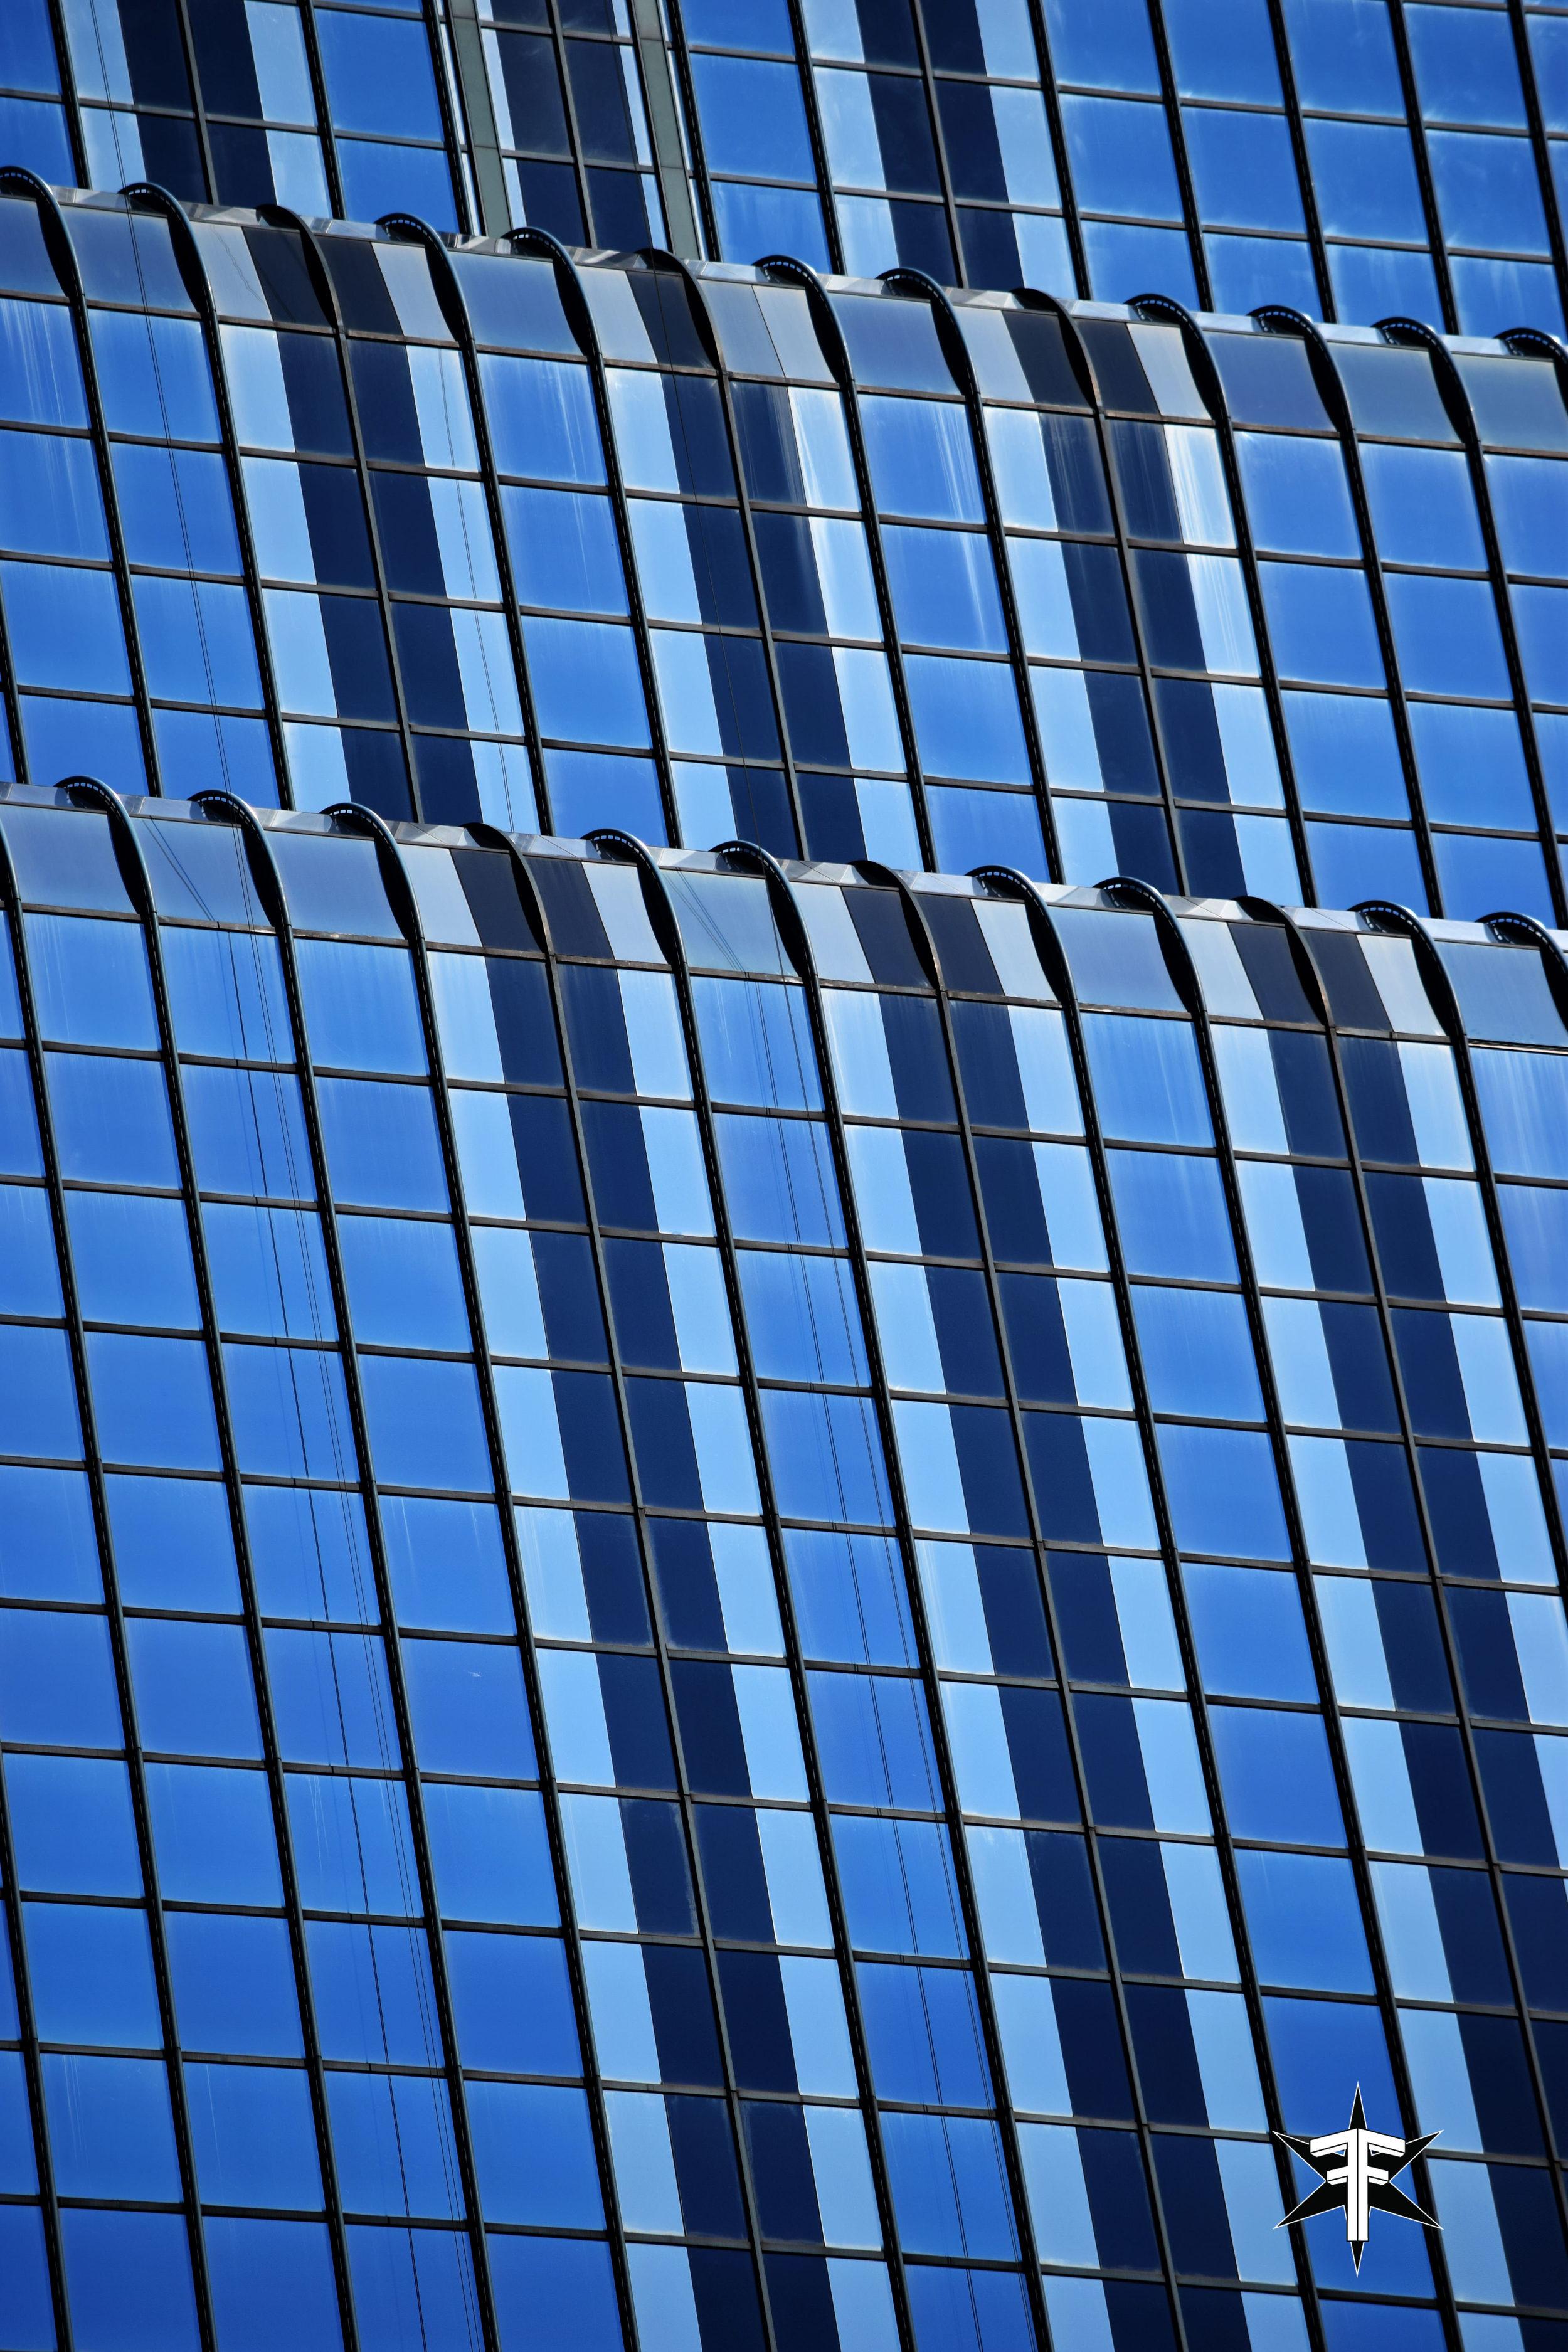 chicago architecture eric formato photography design arquitectura architettura buildings skyscraper skyscrapers-120.jpg